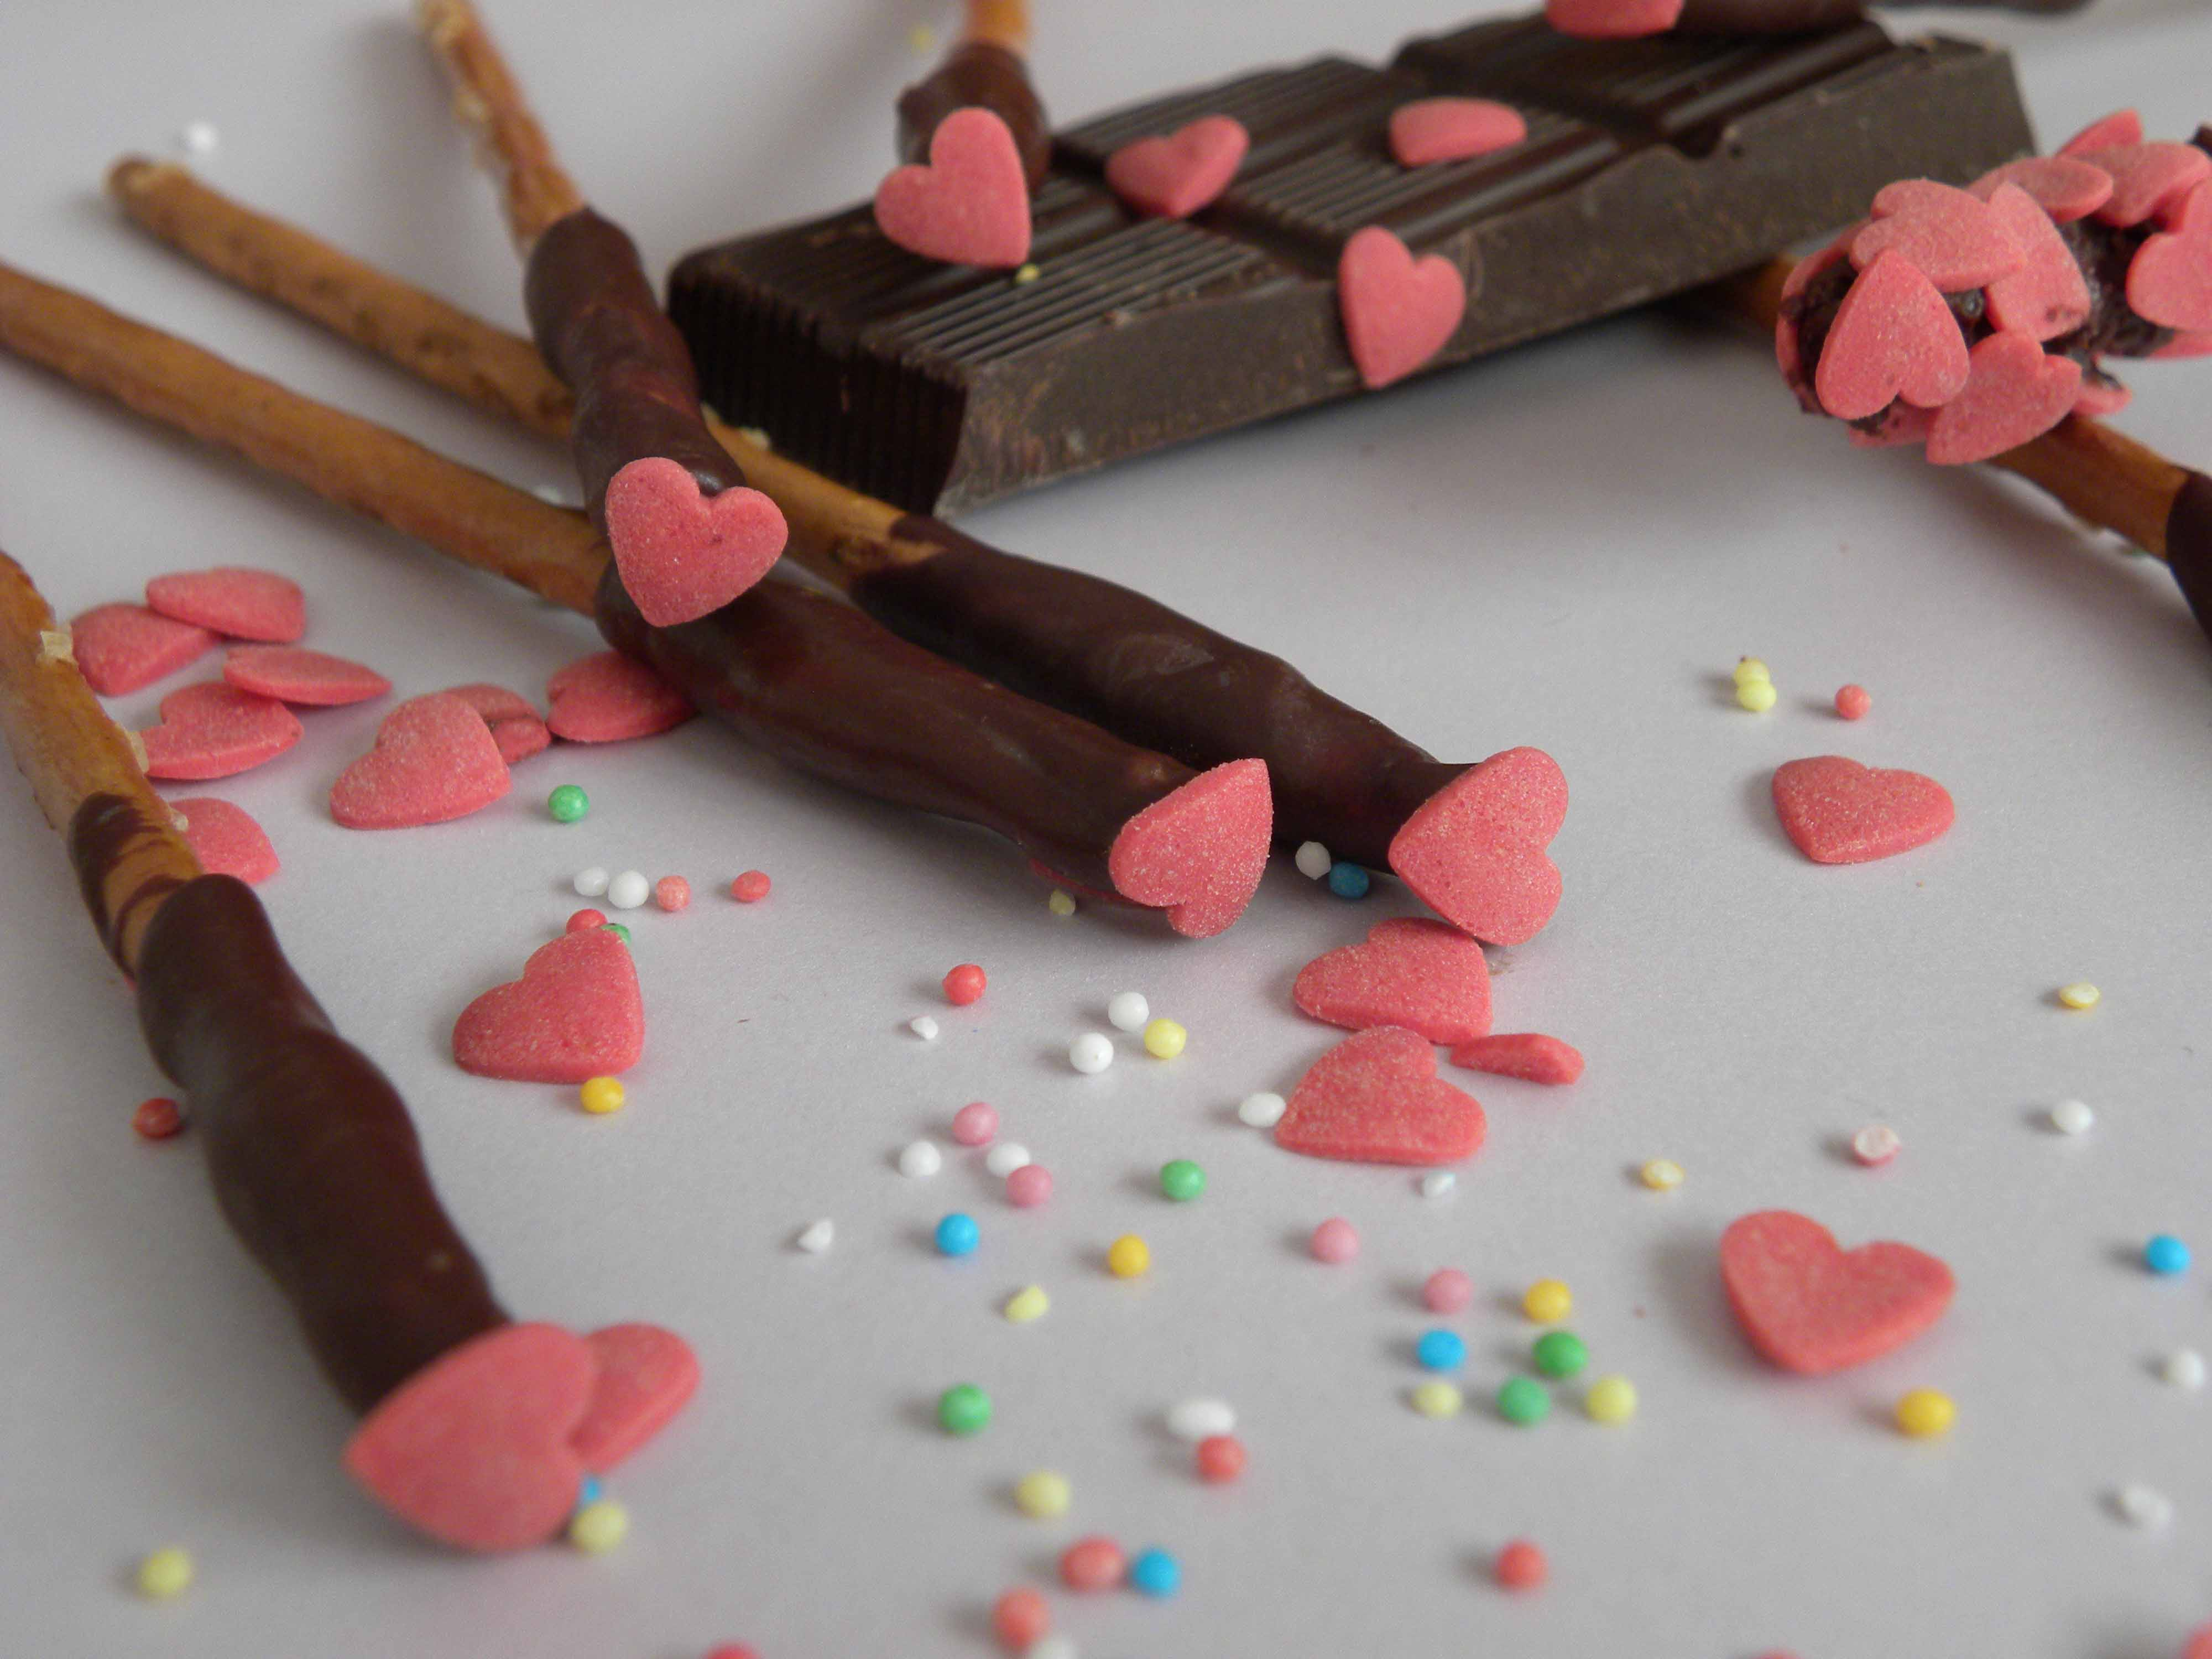 Decorare i Pretzel con i Cuoricini di Zucchero